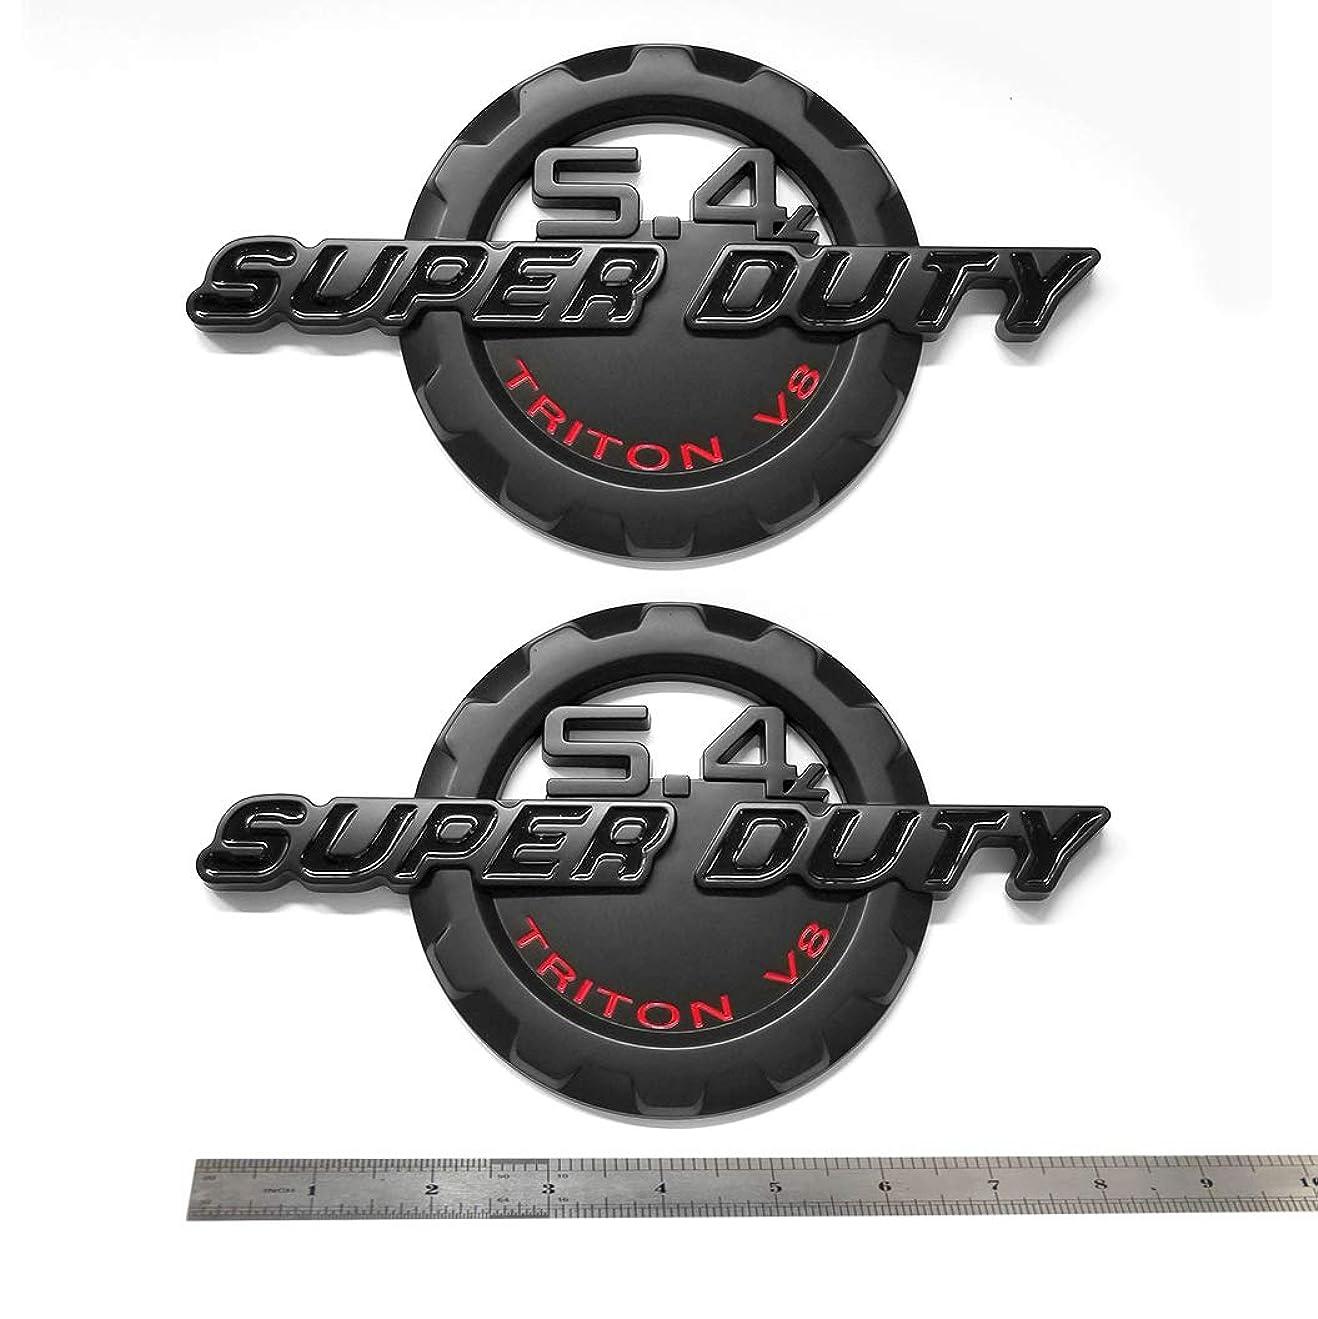 住む予感道OEM 5.4L スーパーデューティー トリトン V8 エンブレム サイドフェンダー 3D ロゴ スーパーデューティー バッジ 交換用 F250 F350 5.4 ブラック レッド